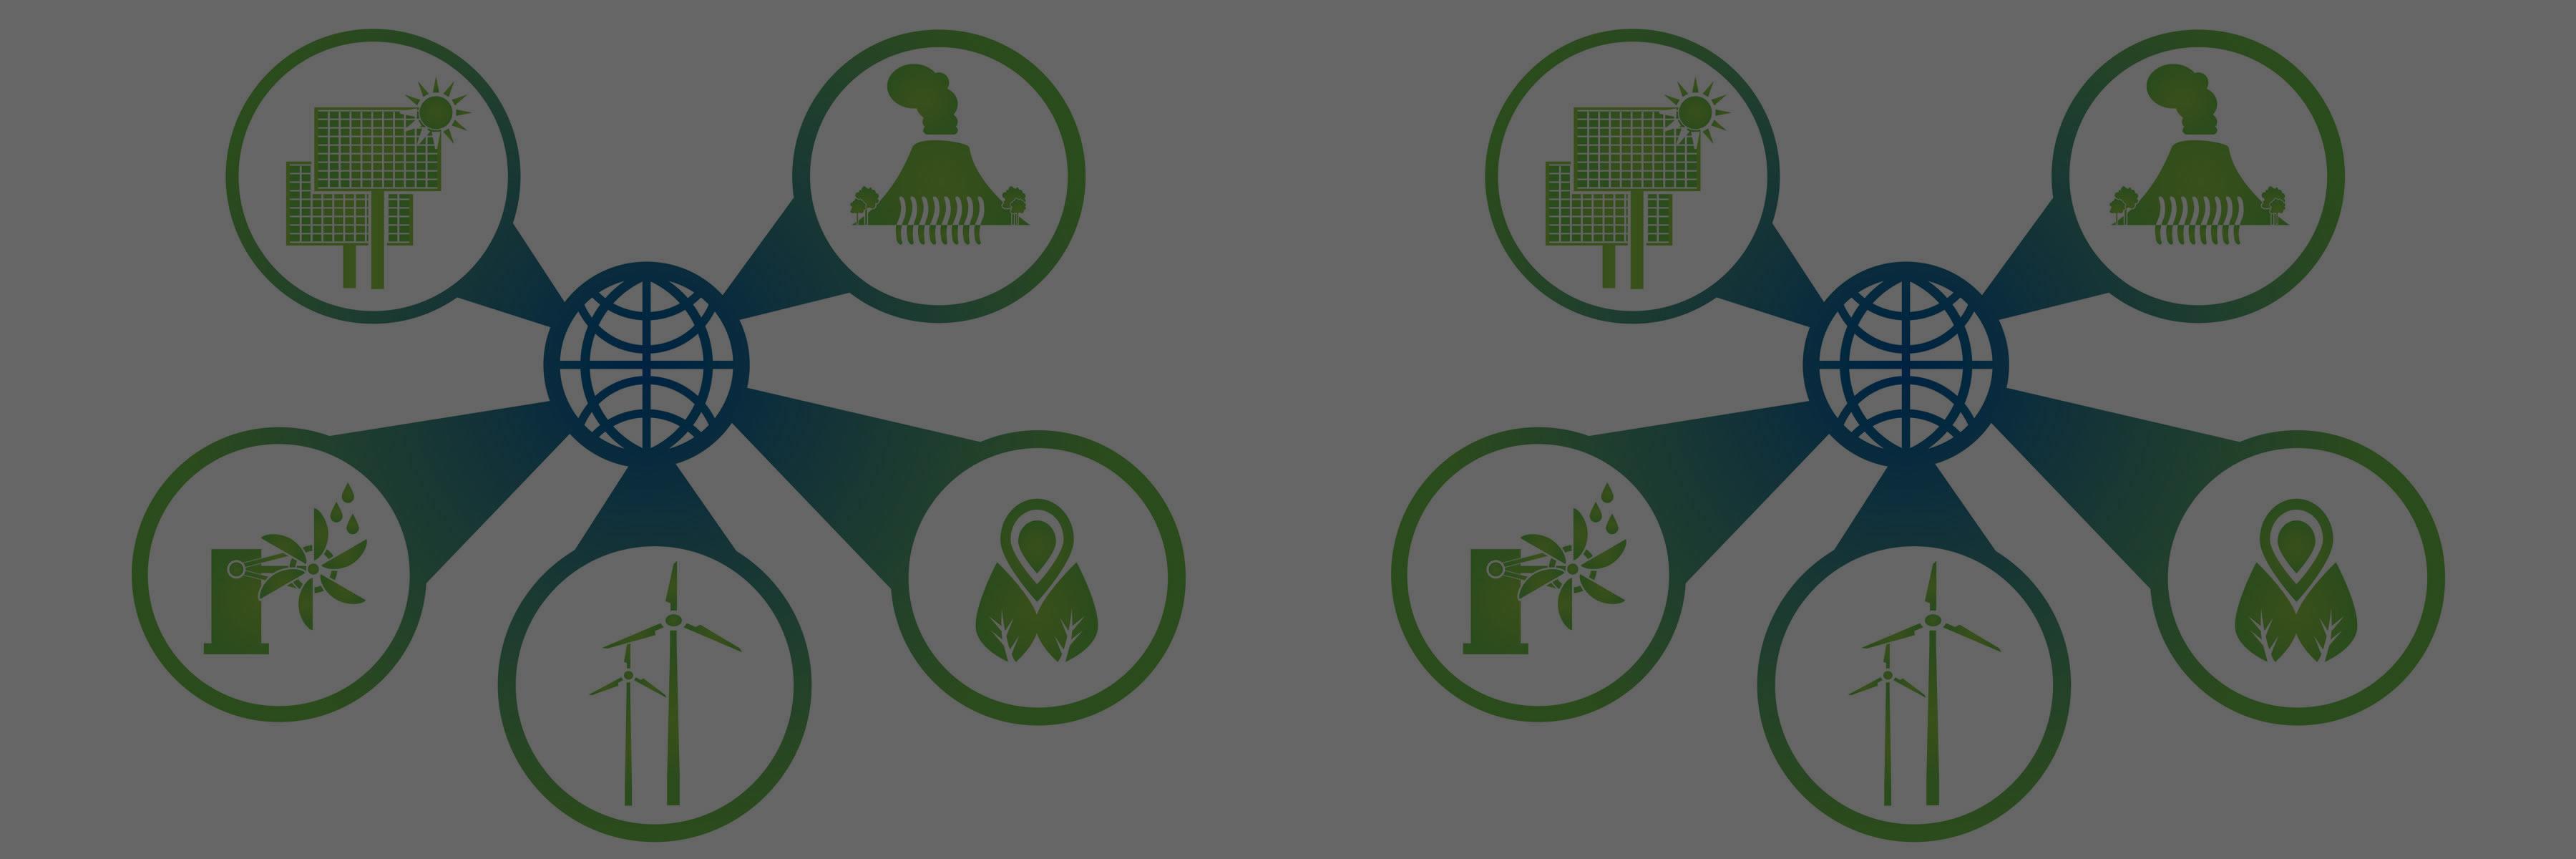 naem-webinar-2017-ehs-regulatory-hot-spots-around-the-world-1800x600